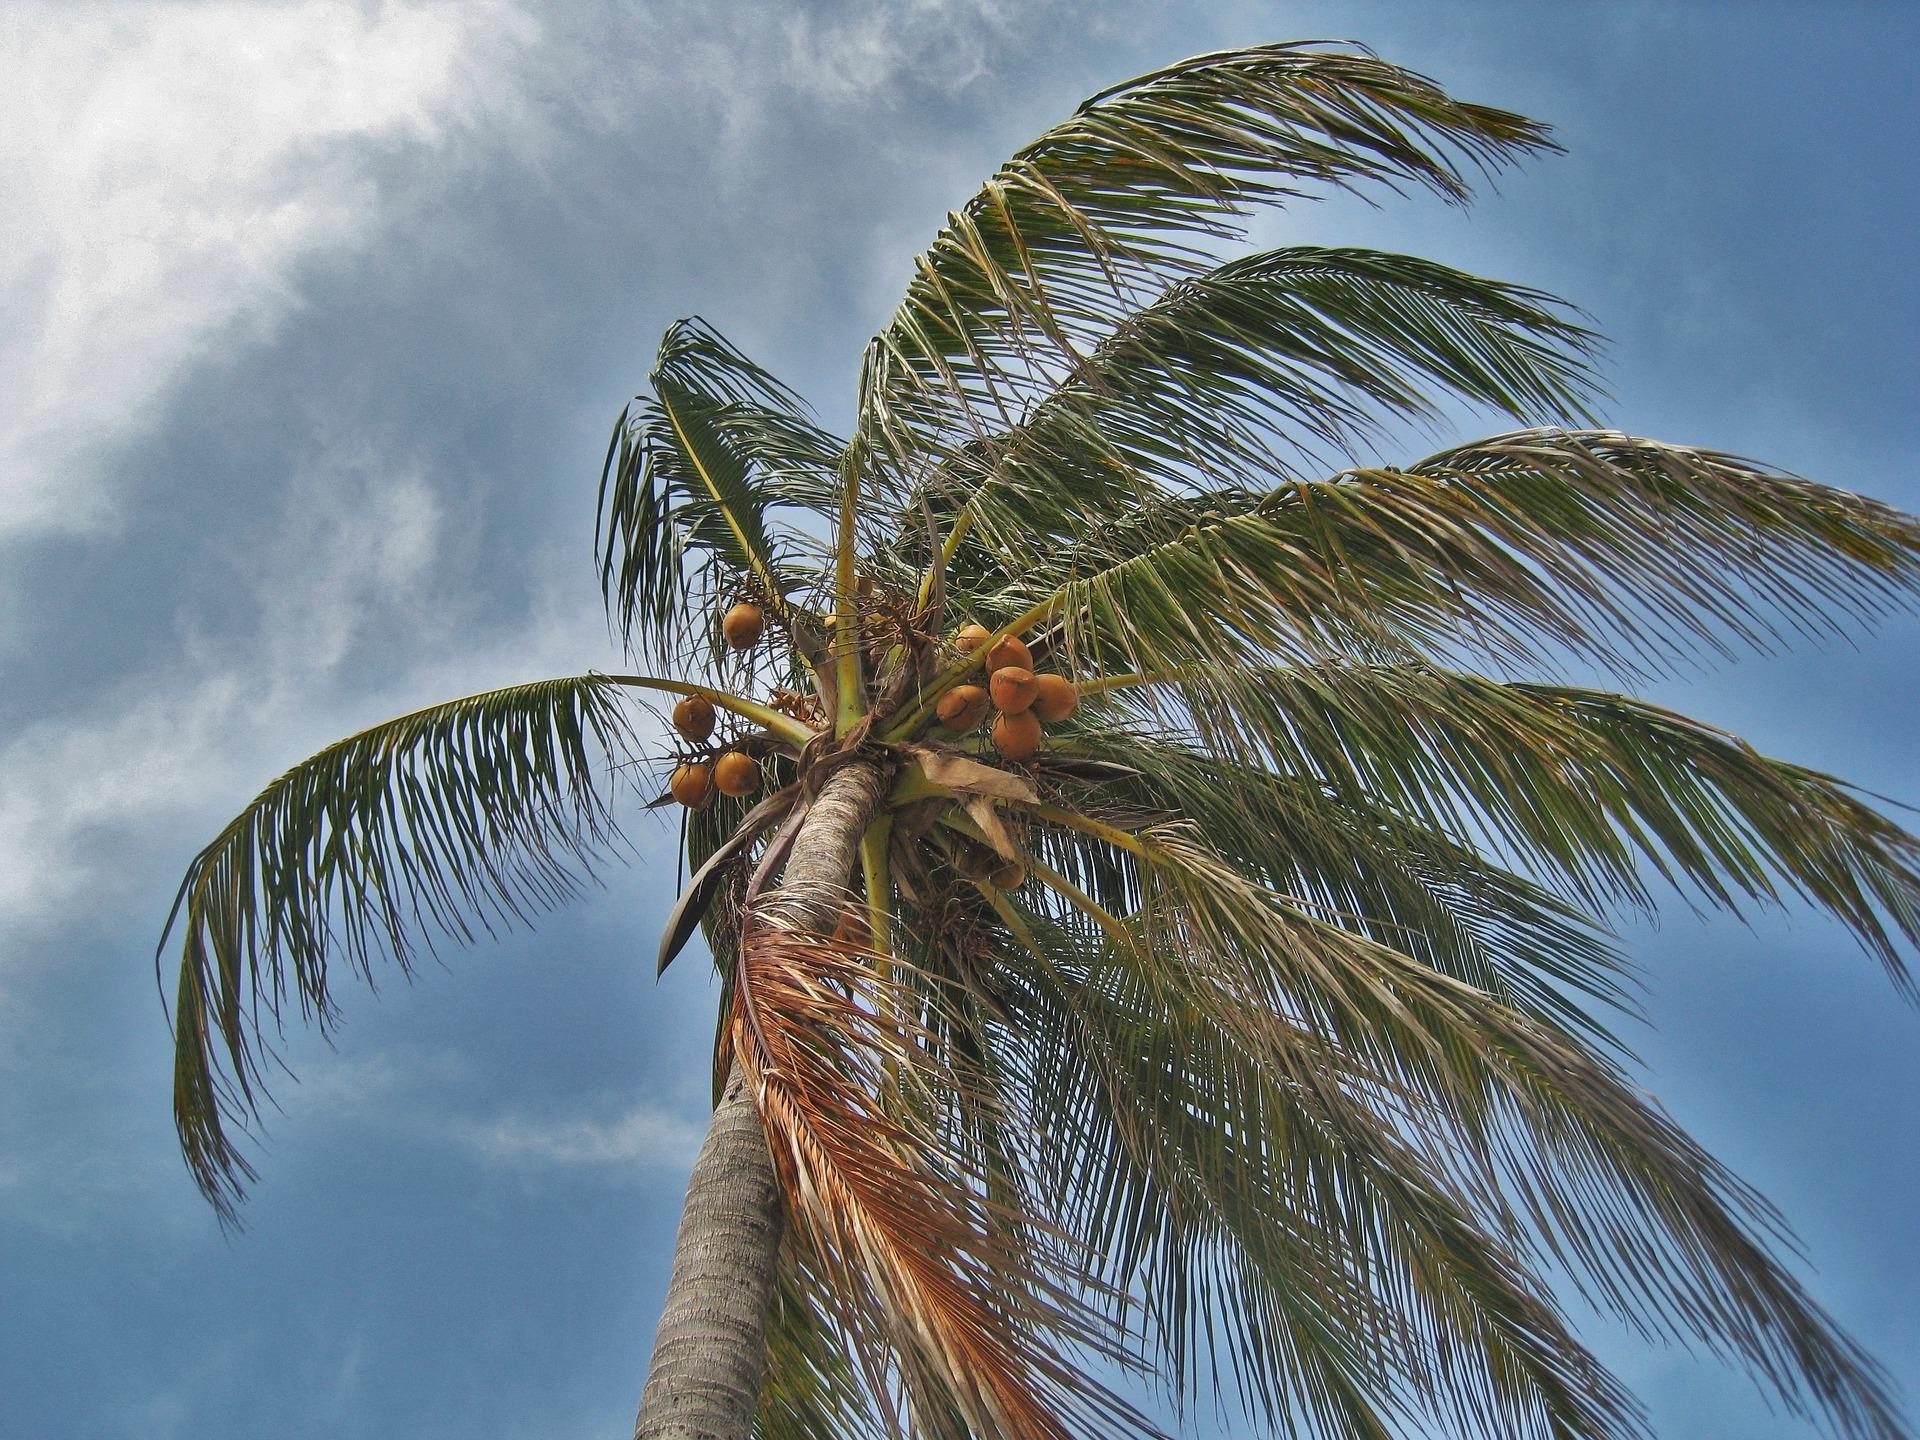 Hurricane Irma: Rick's Story